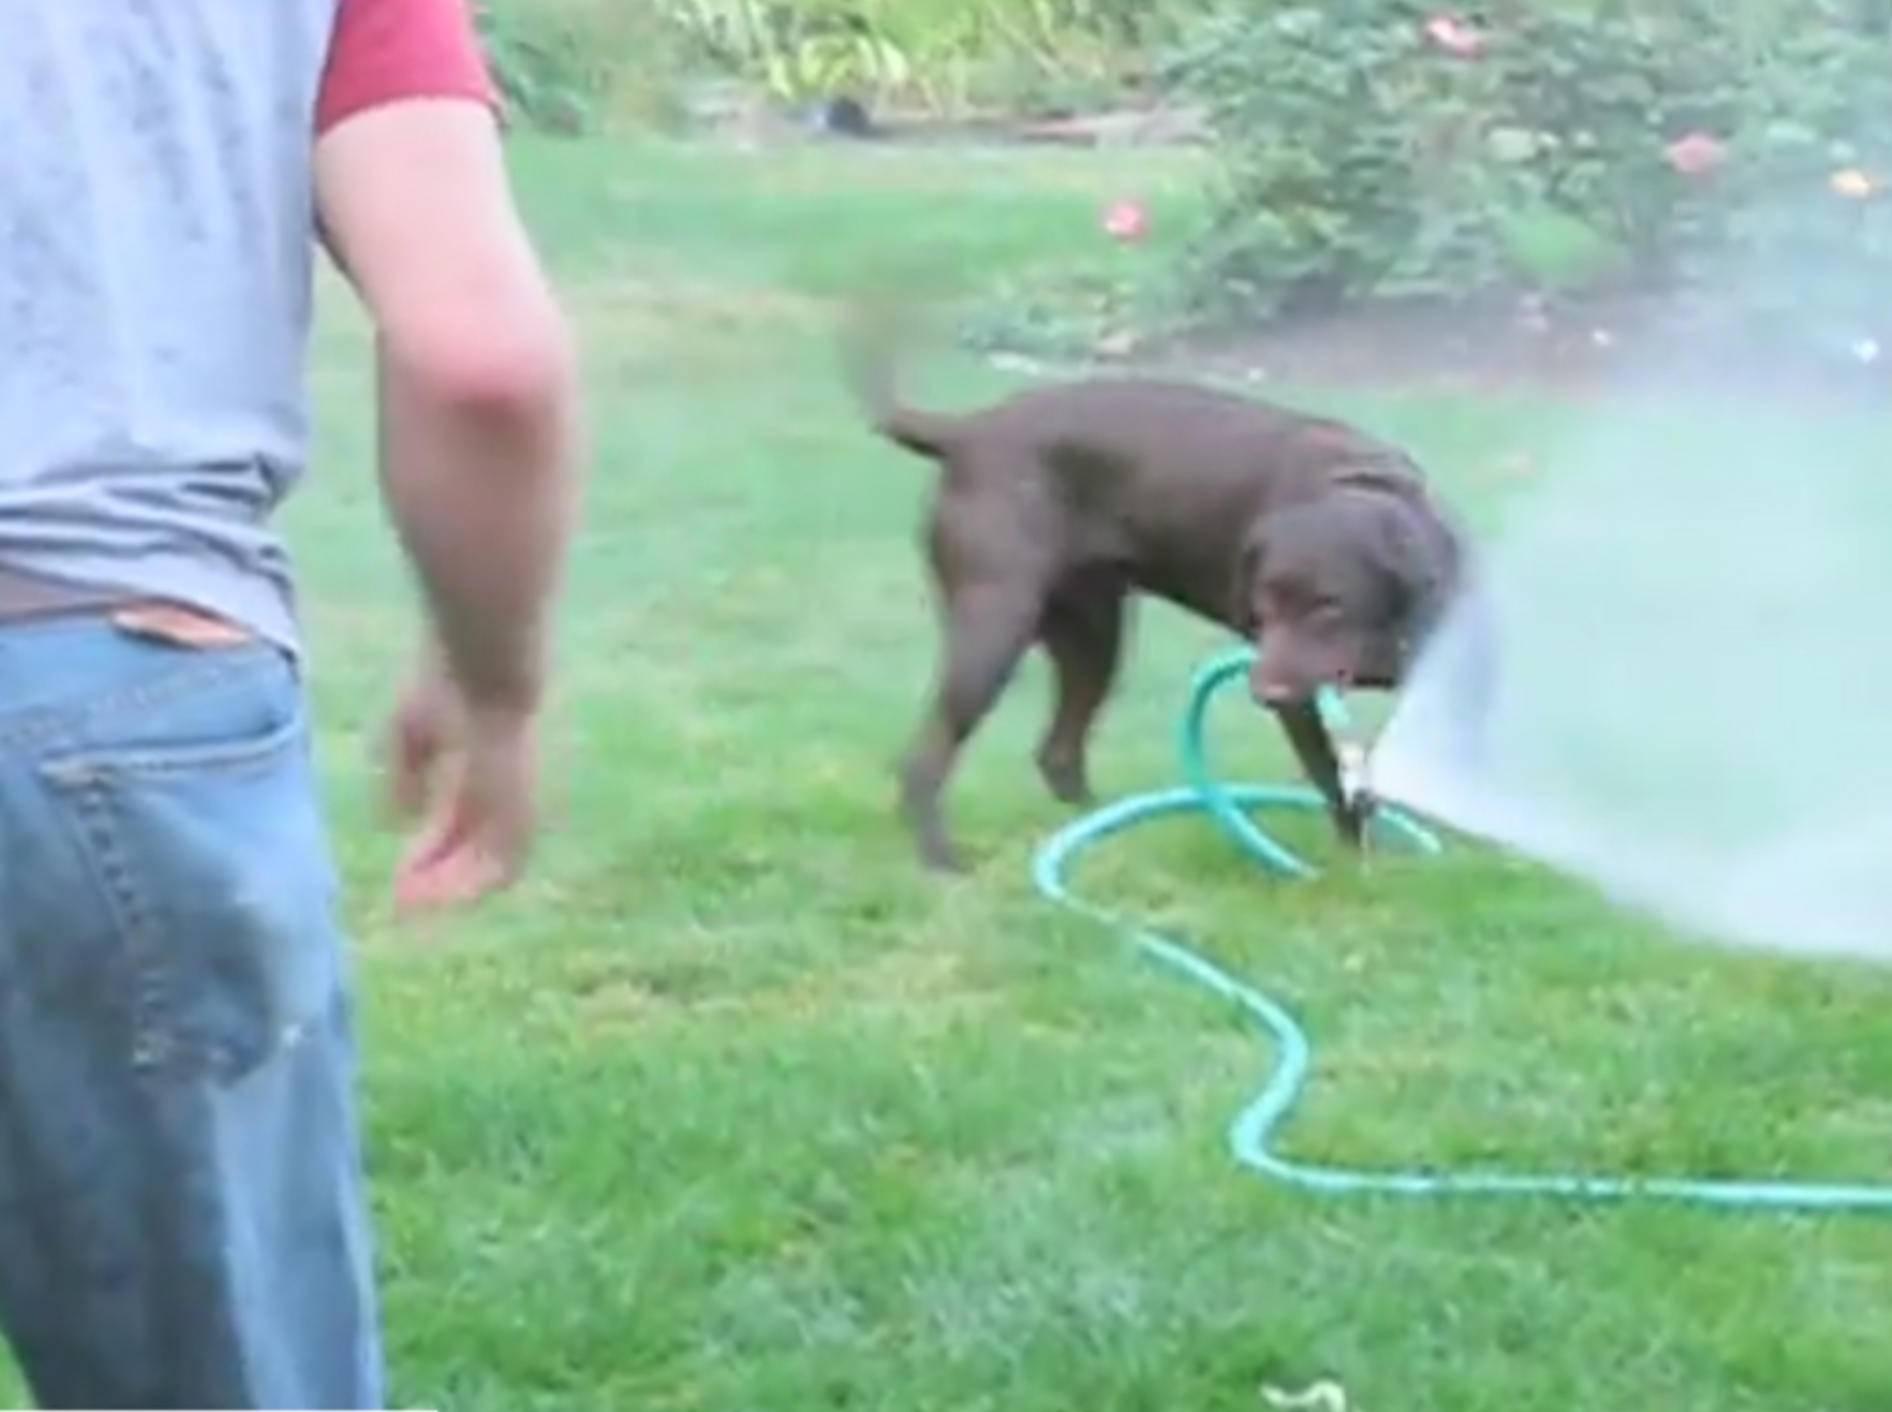 Herrchen mit dem Wasserschlauch zu jagen macht Spaß – YouTube / FunnyFuse